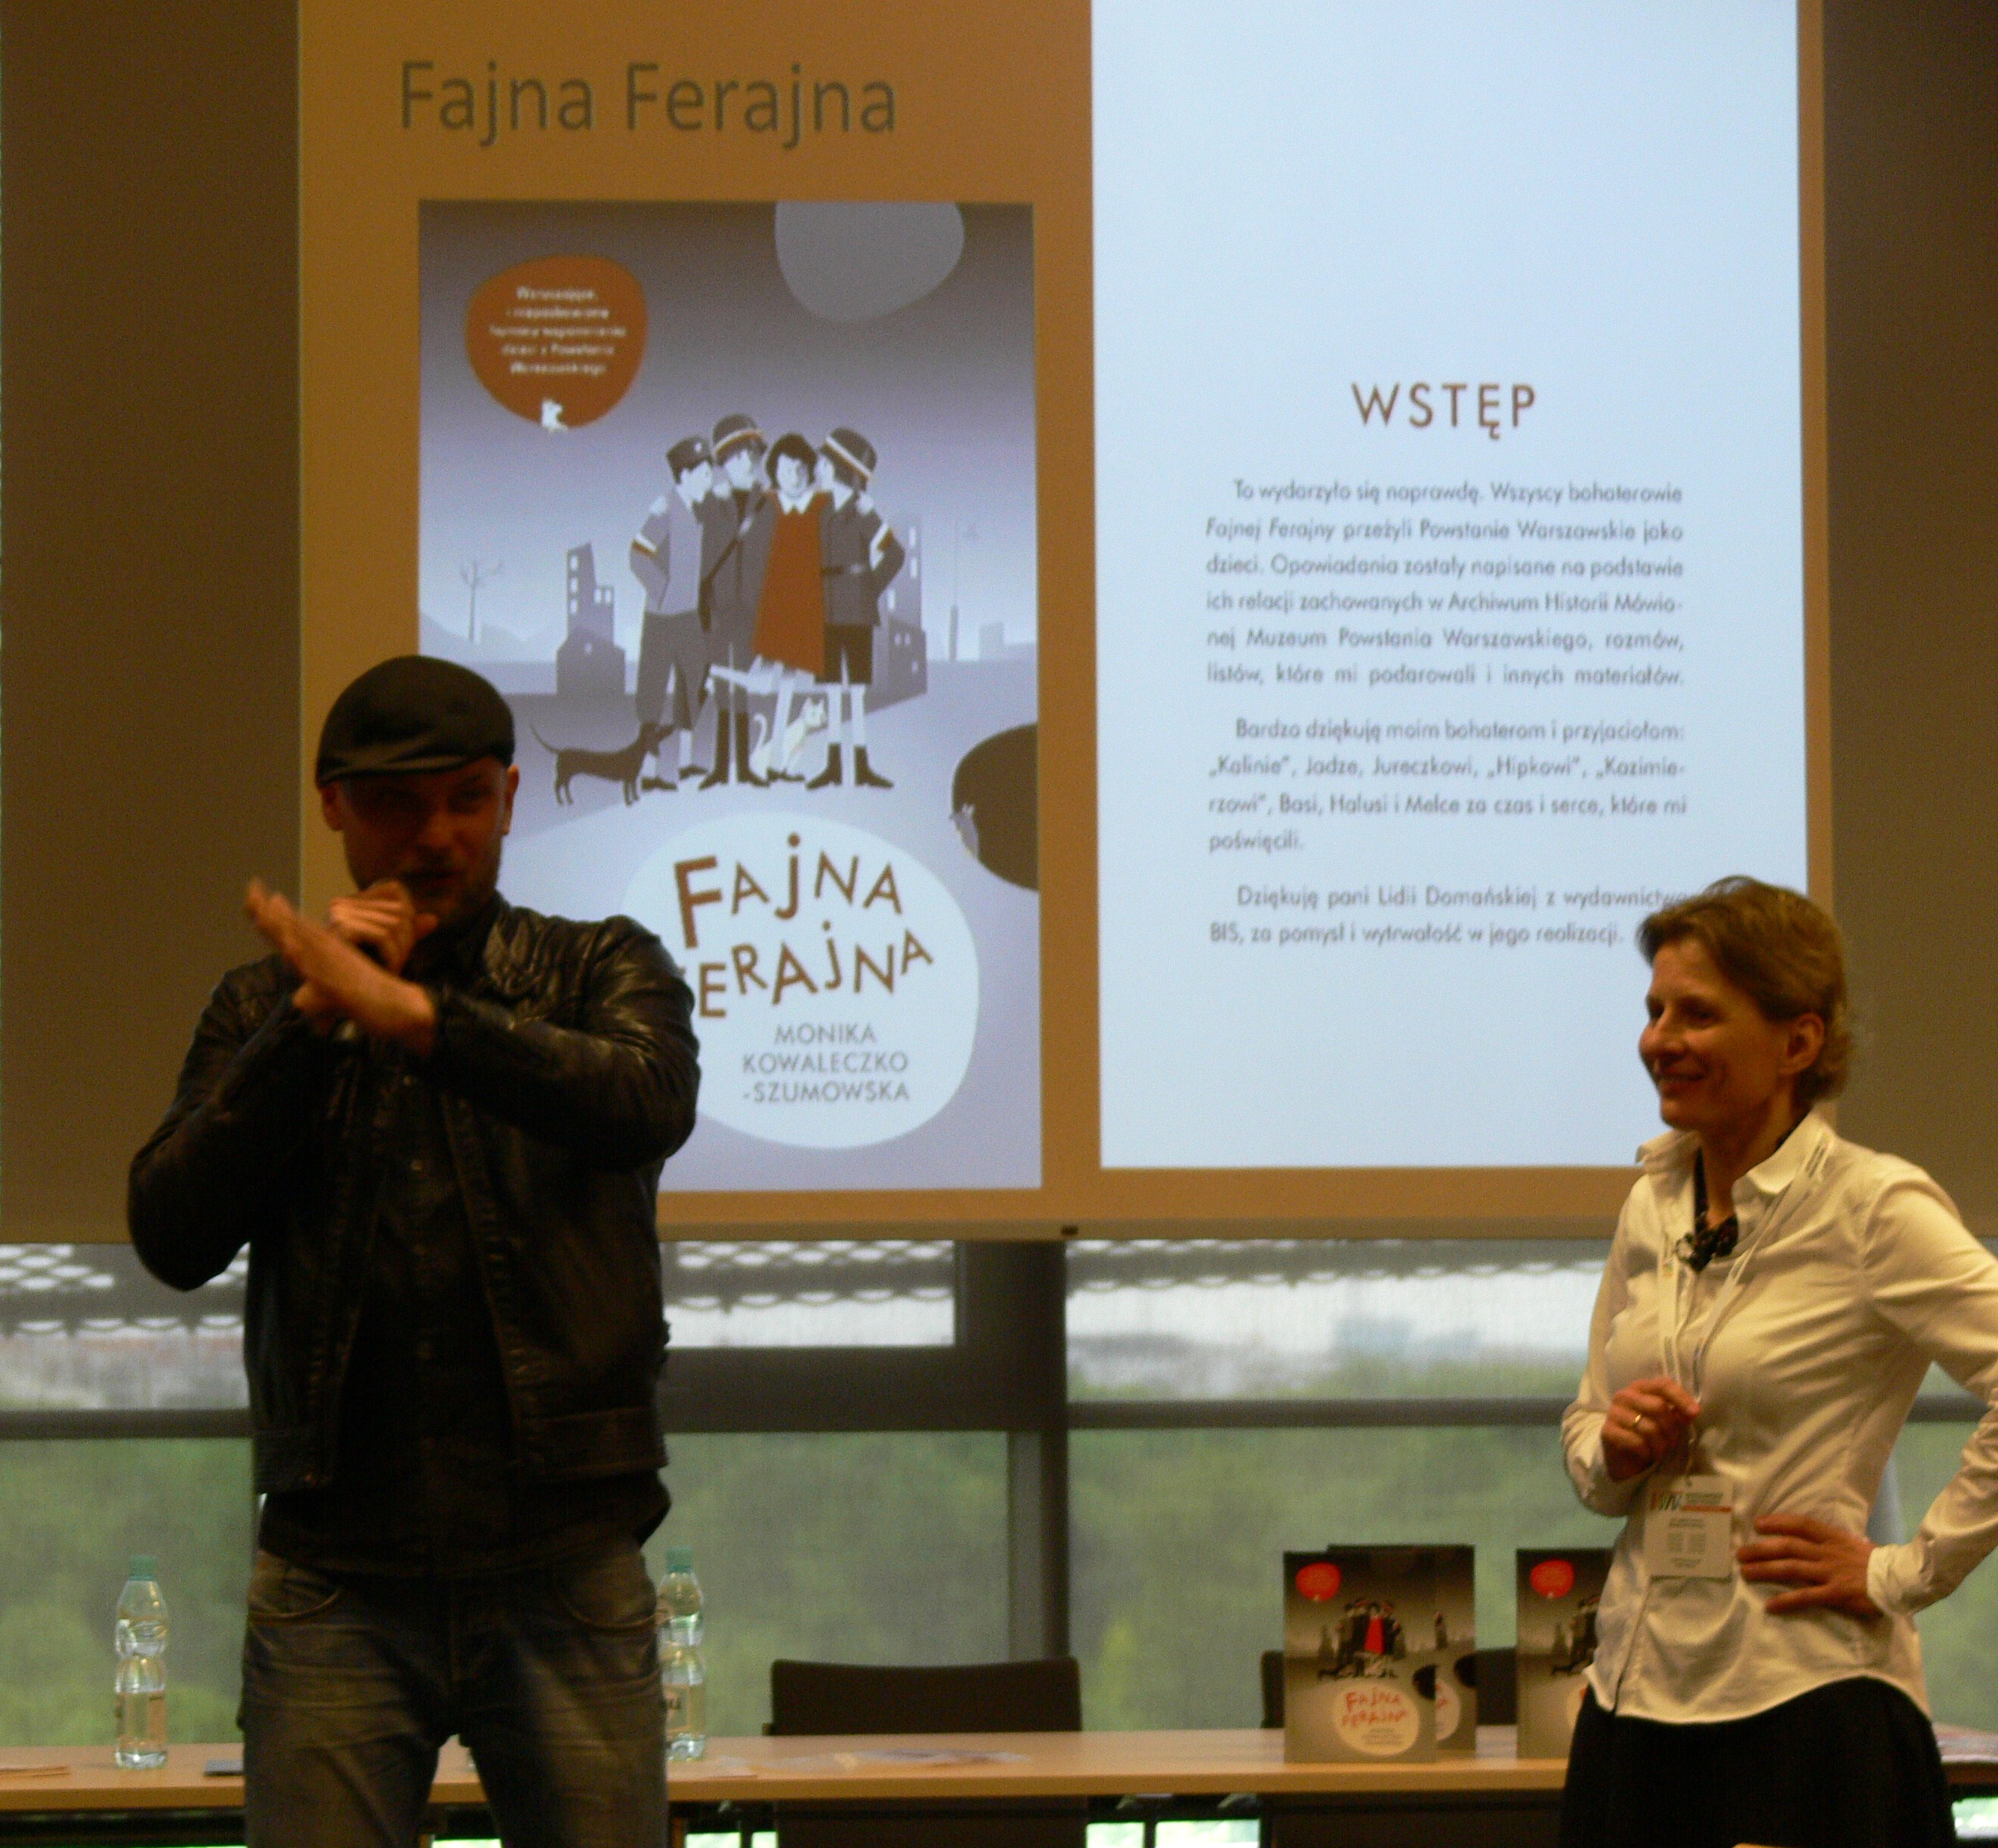 Wizyta na spotkaniu autorskim dot. książki-filmu Fajna Ferajna